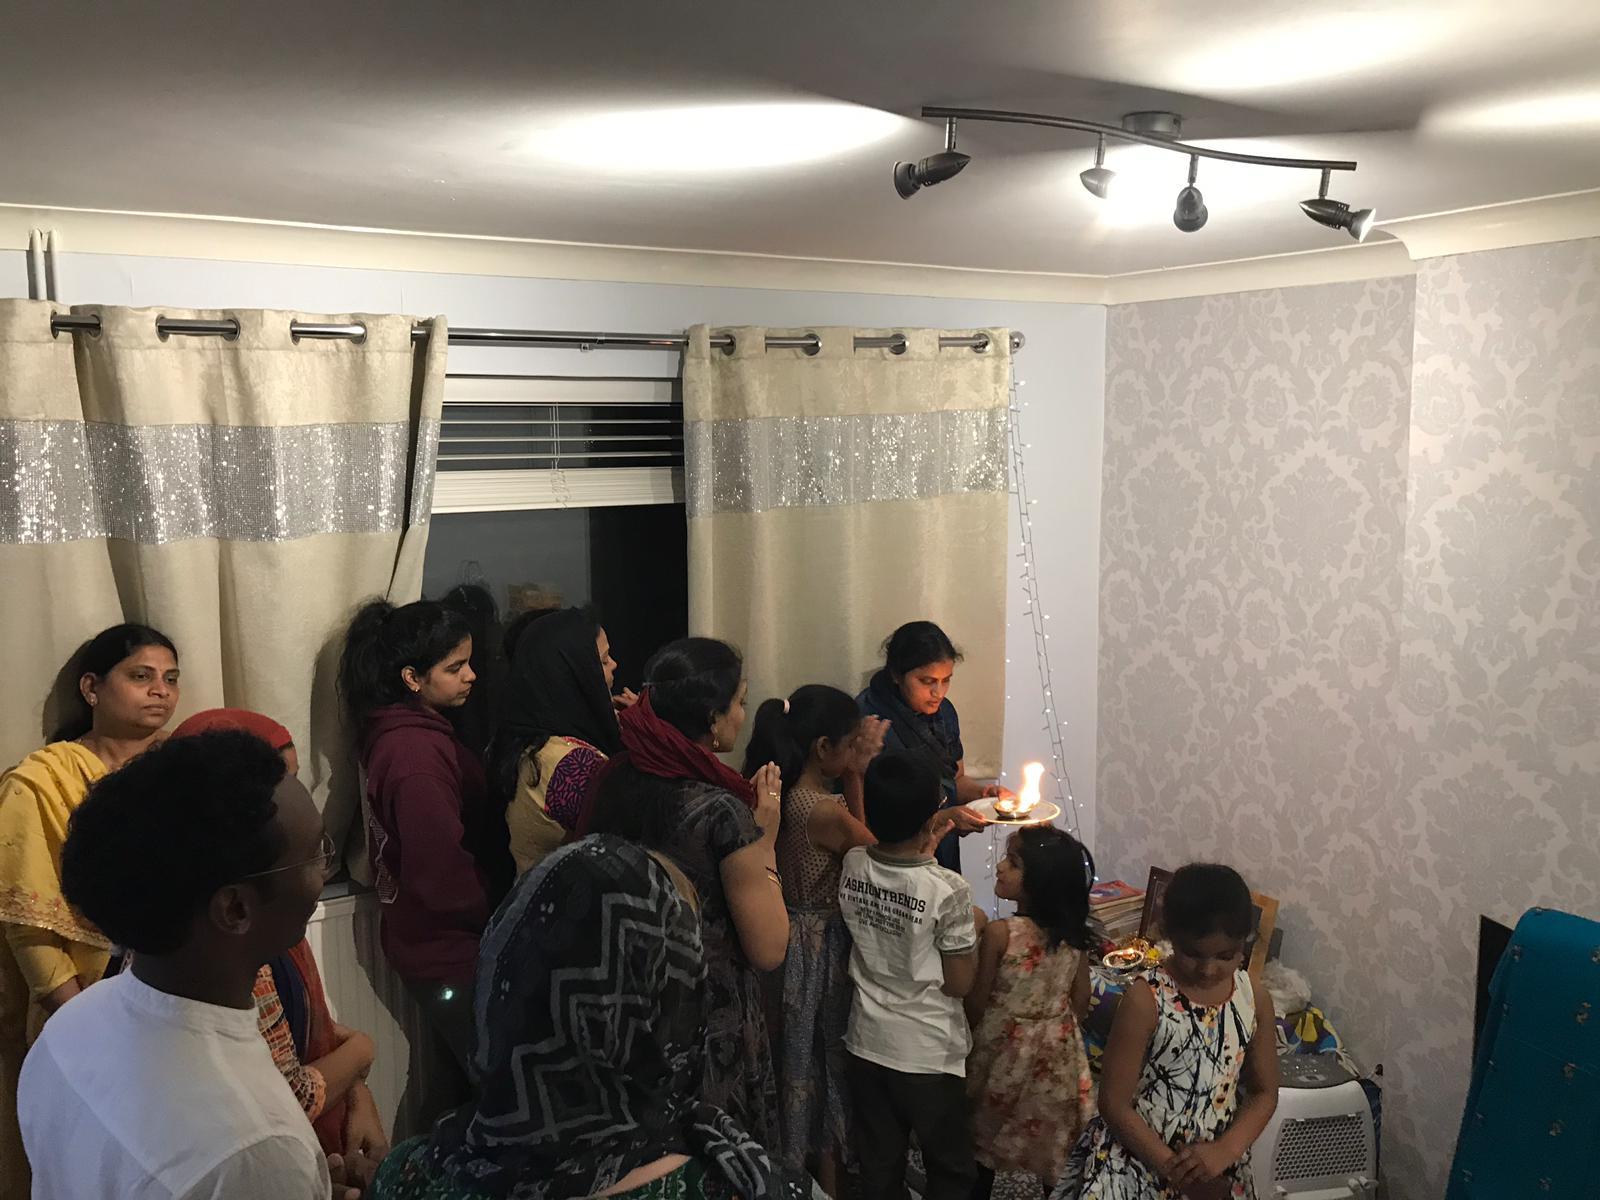 London Aaradhana at Mr.Krishna Kishore Yerra's house on 25th May 2019